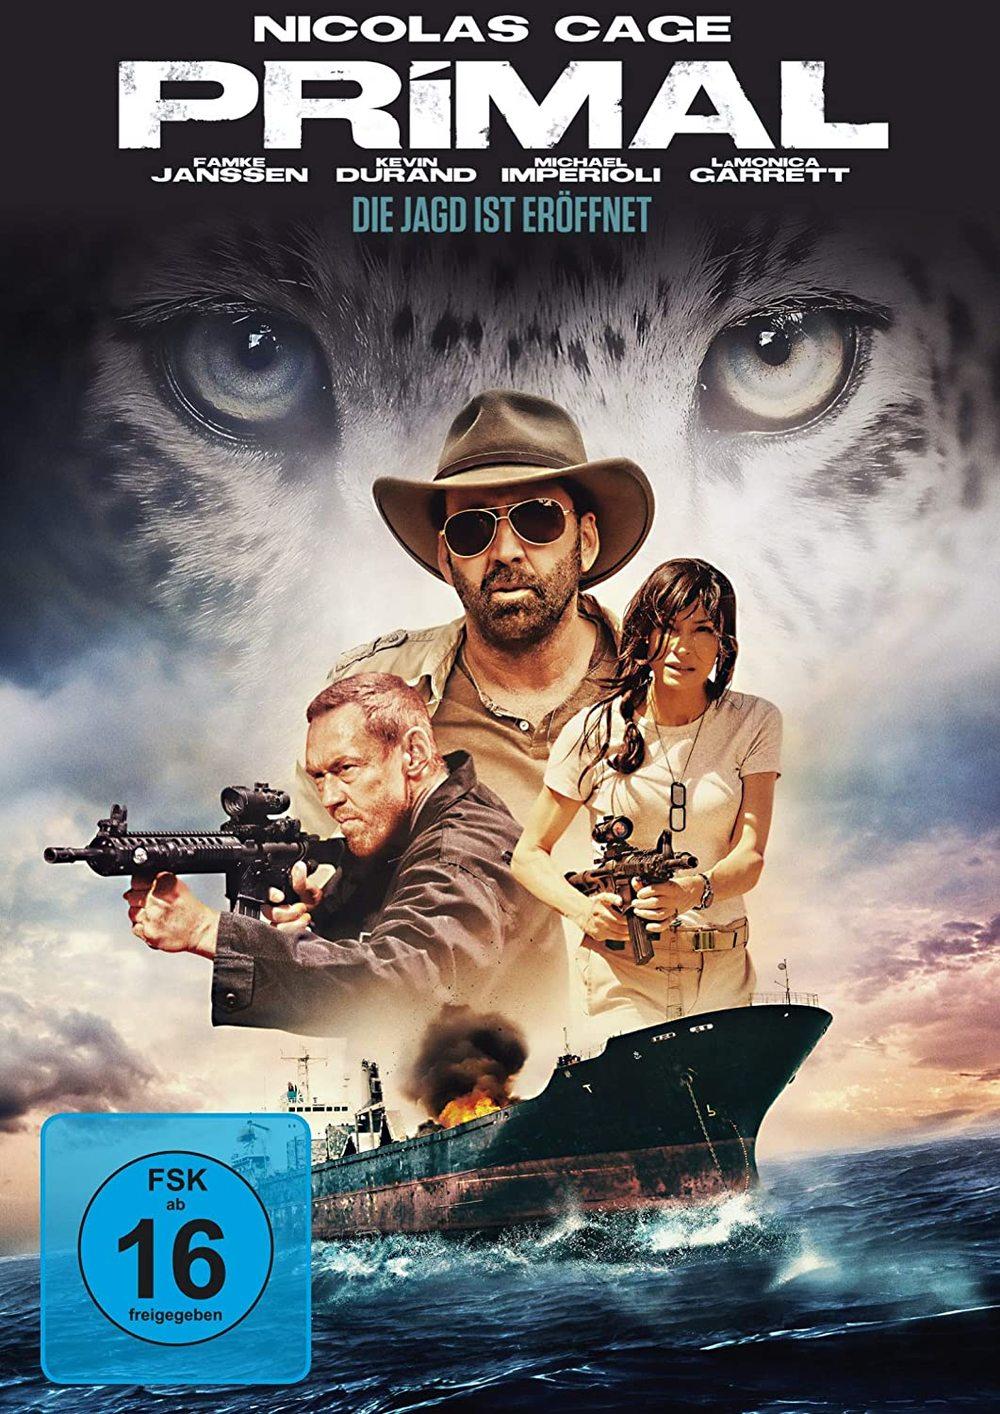 """Nicolas Cage jagt Raubtiere auf hoher See: Wir verlosen """"Primal - Die Jagd ist eröffnet"""" auf DVD und BD"""